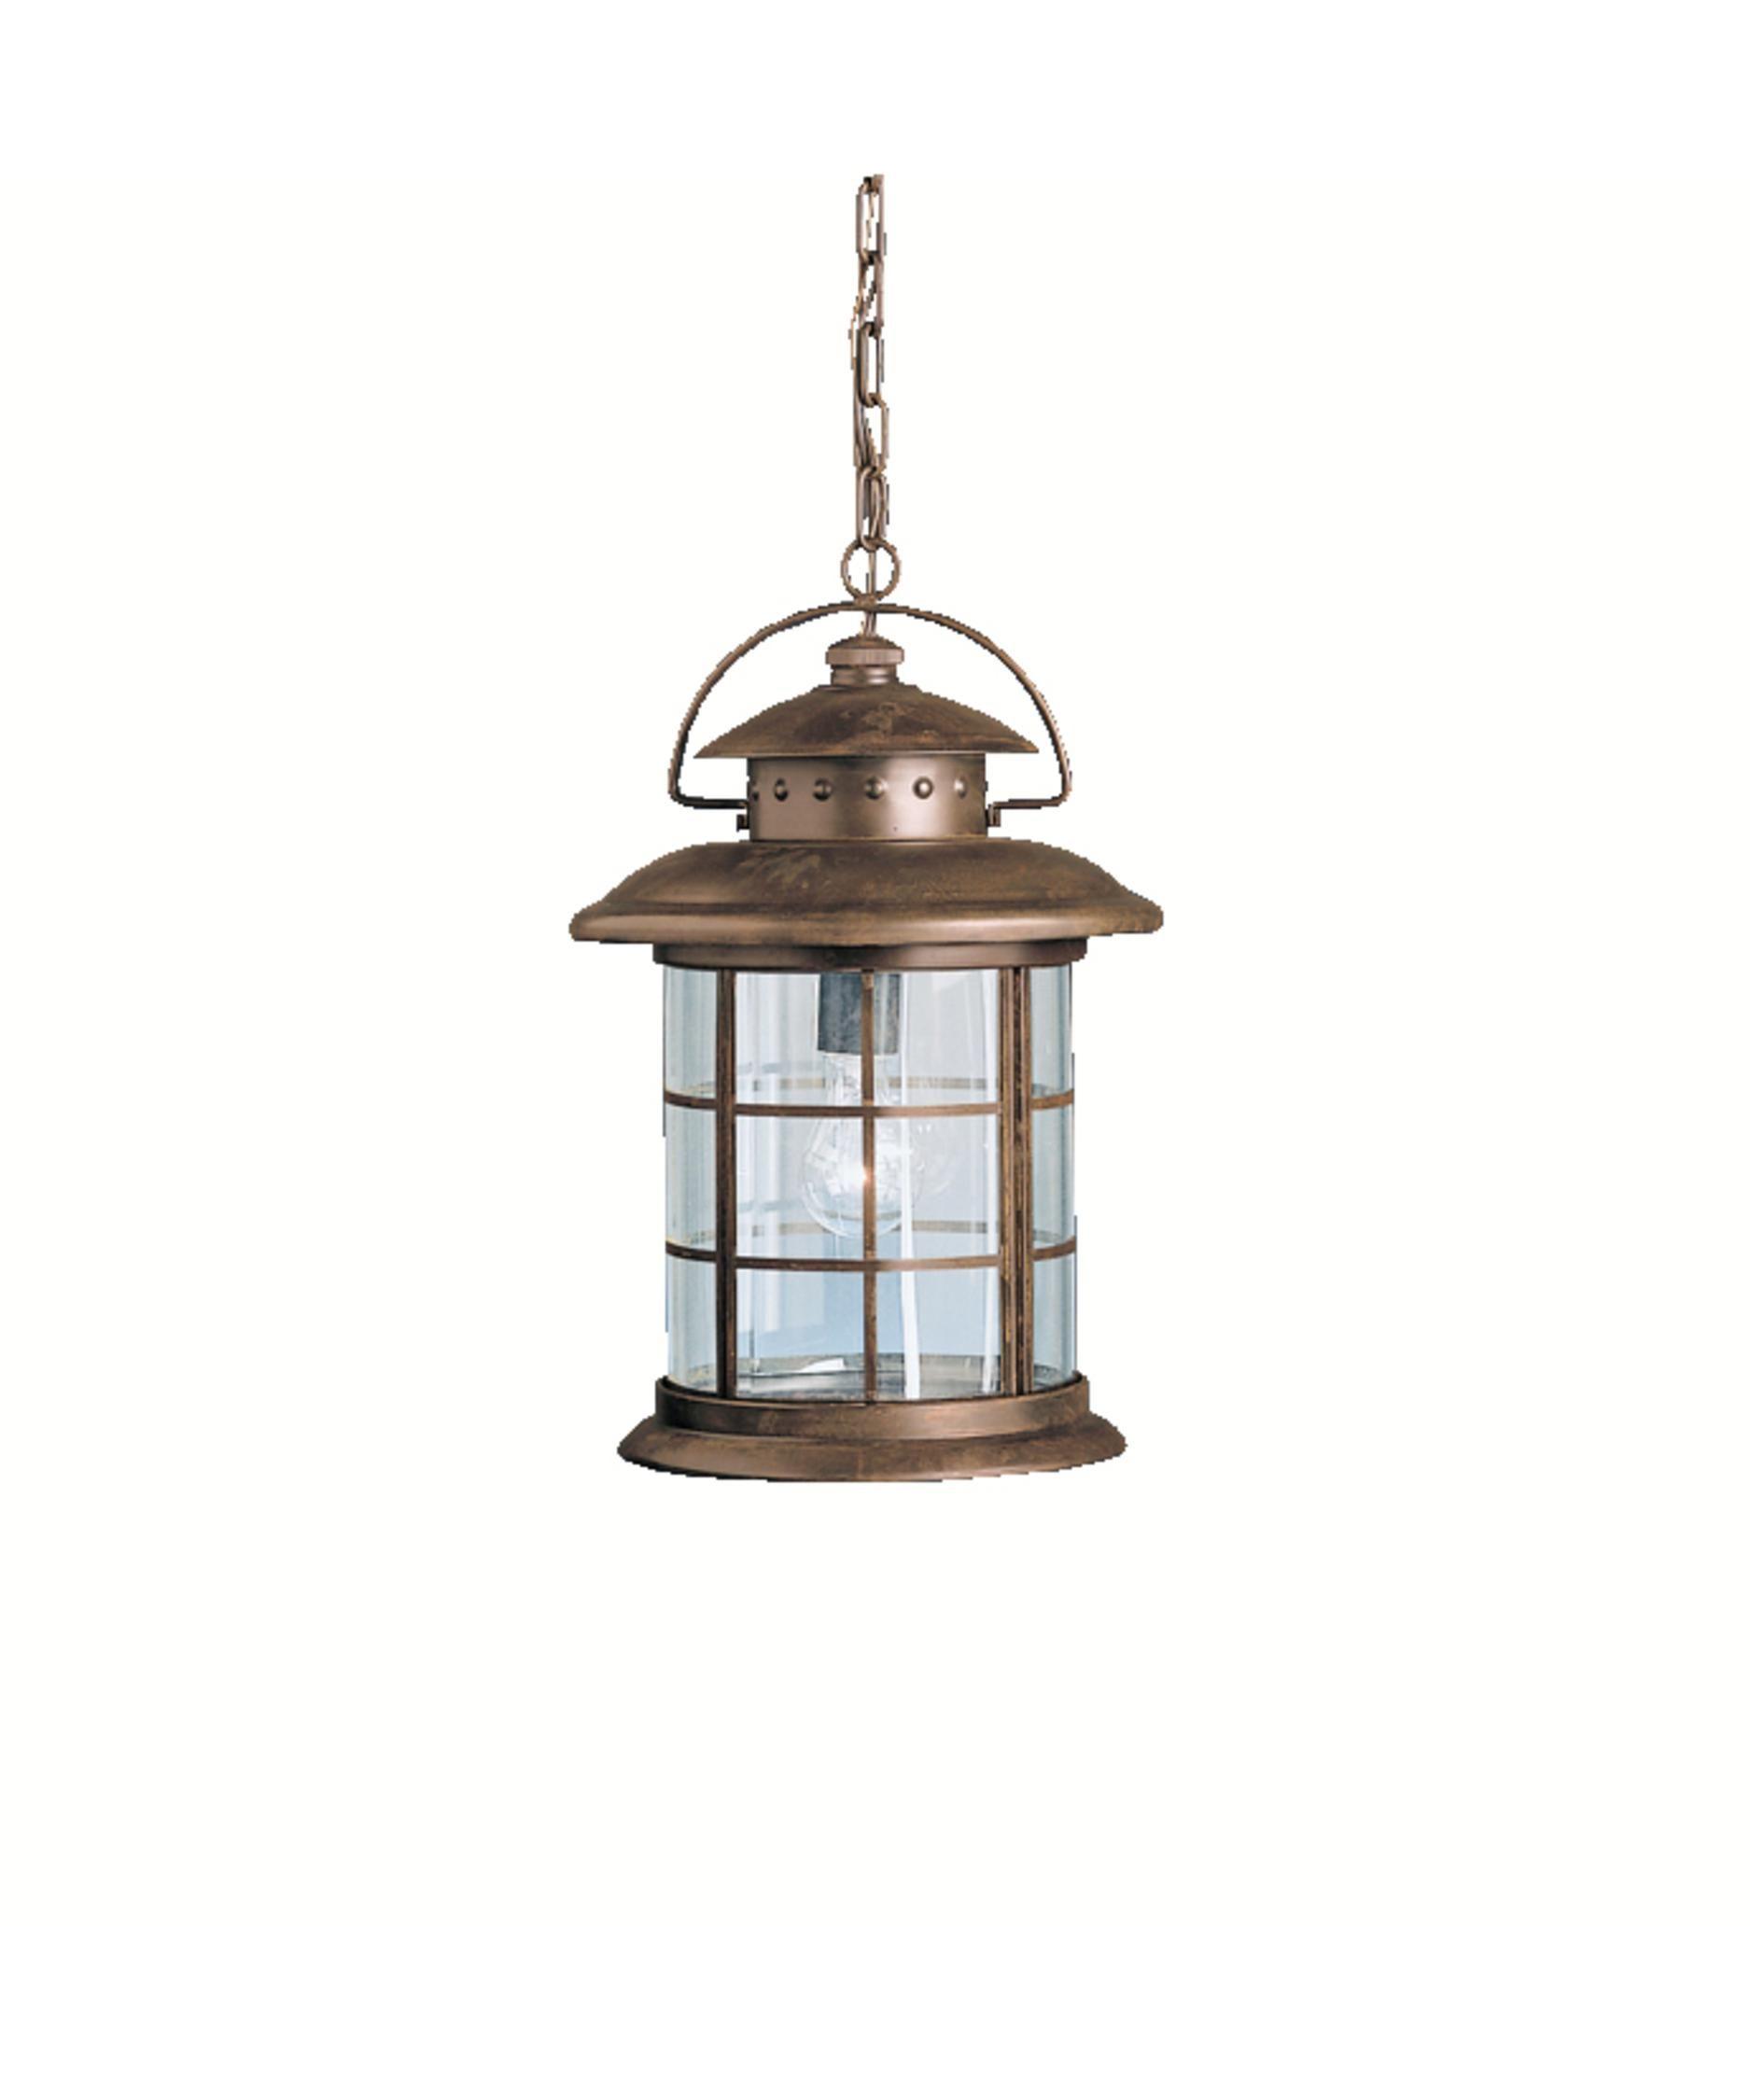 Kichler Rustic 1 Light Outdoor Hanging Lantern Outdoor Pendant Lighting Outdoor Ceiling Lights Outdoor Hanging Lanterns